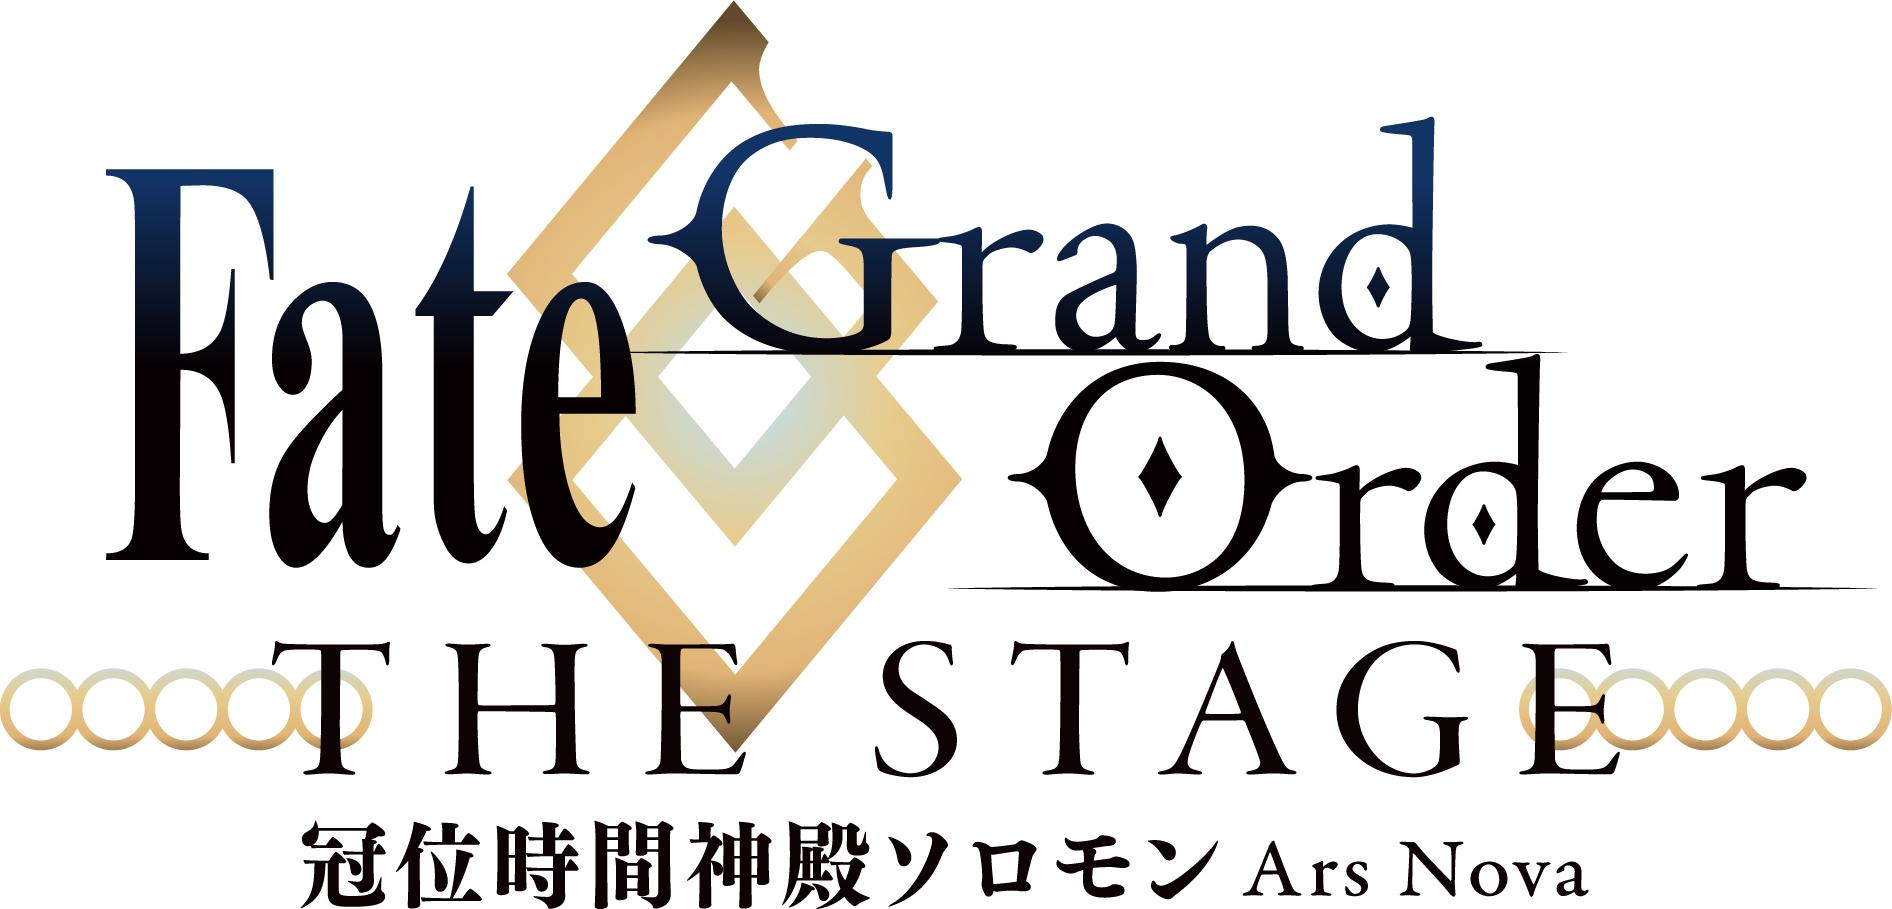 「Fate/Grand Order THE STAGE」最新作 ティザービジュアル&チケットスケジュール解禁 イメージ画像